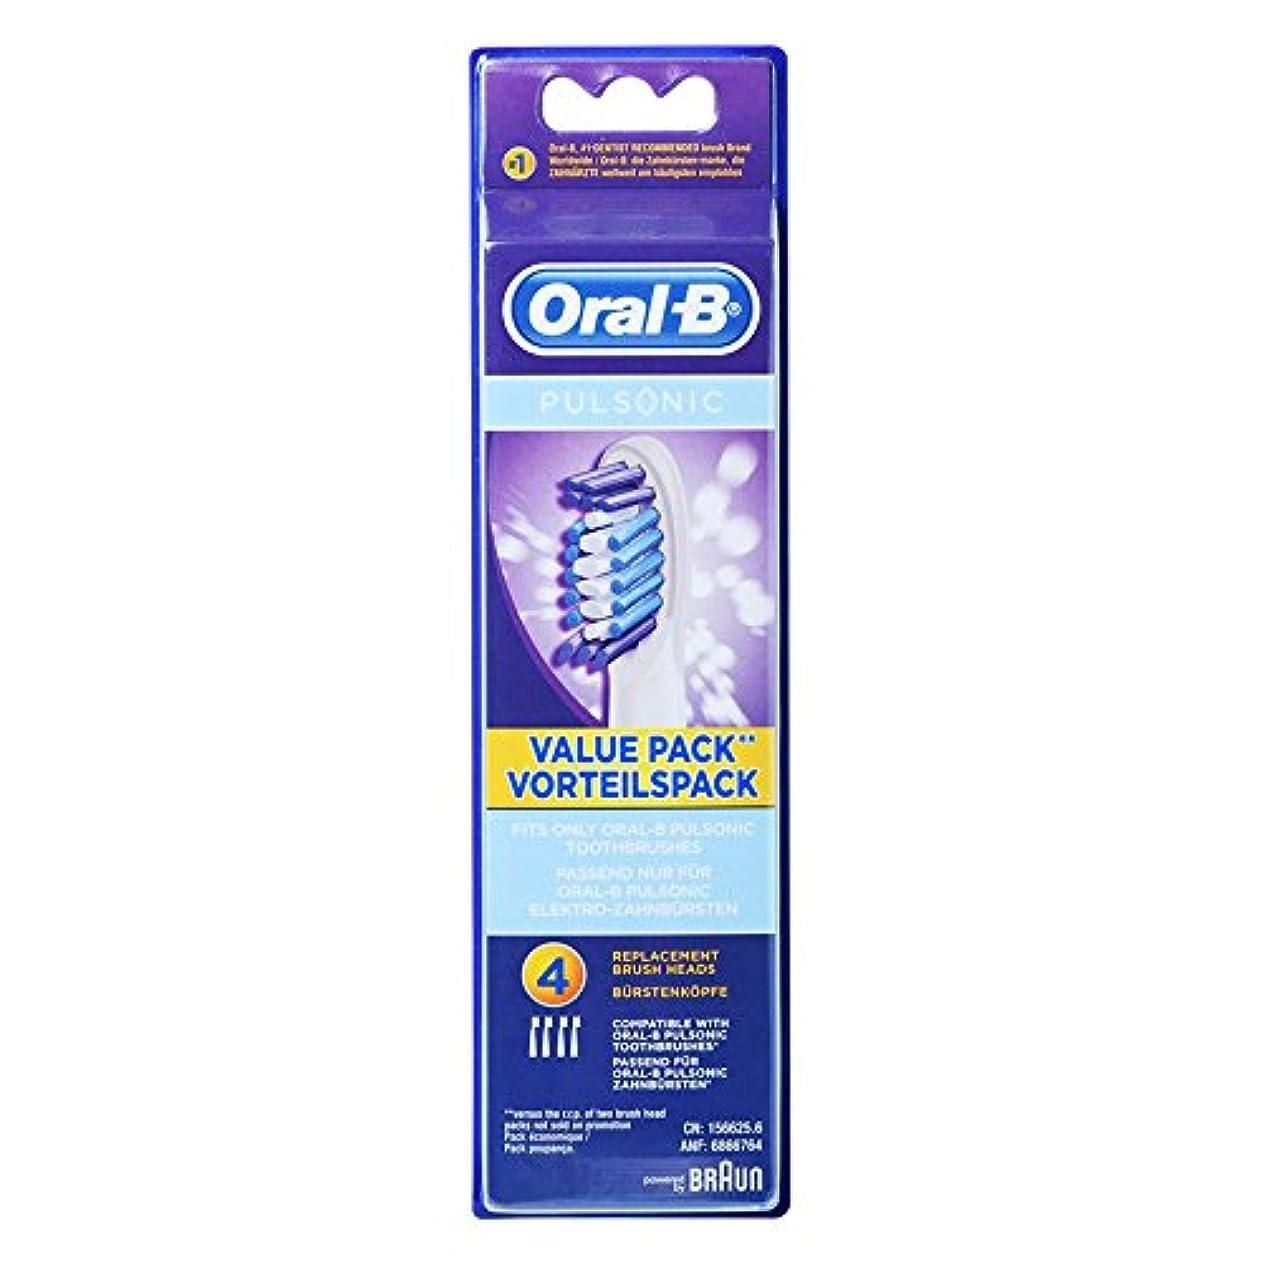 サイズベール出撃者Braun Oral-B SR32-4 Pulsonic Value Pack 交換用ブラシヘッド 1Pack [並行輸入品]